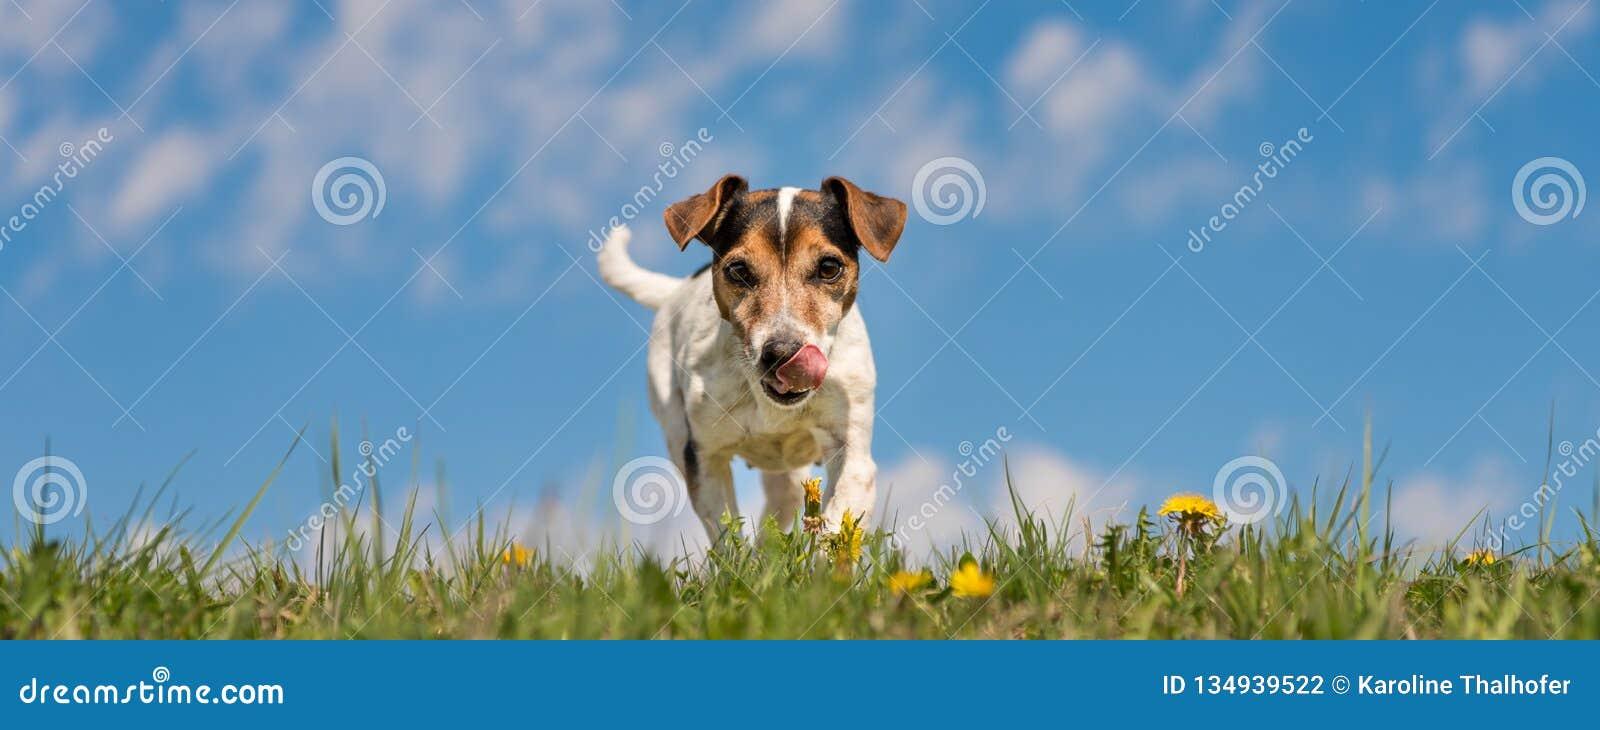 Собака терьера Джек Рассела в зацветая луге весны перед голубым небом